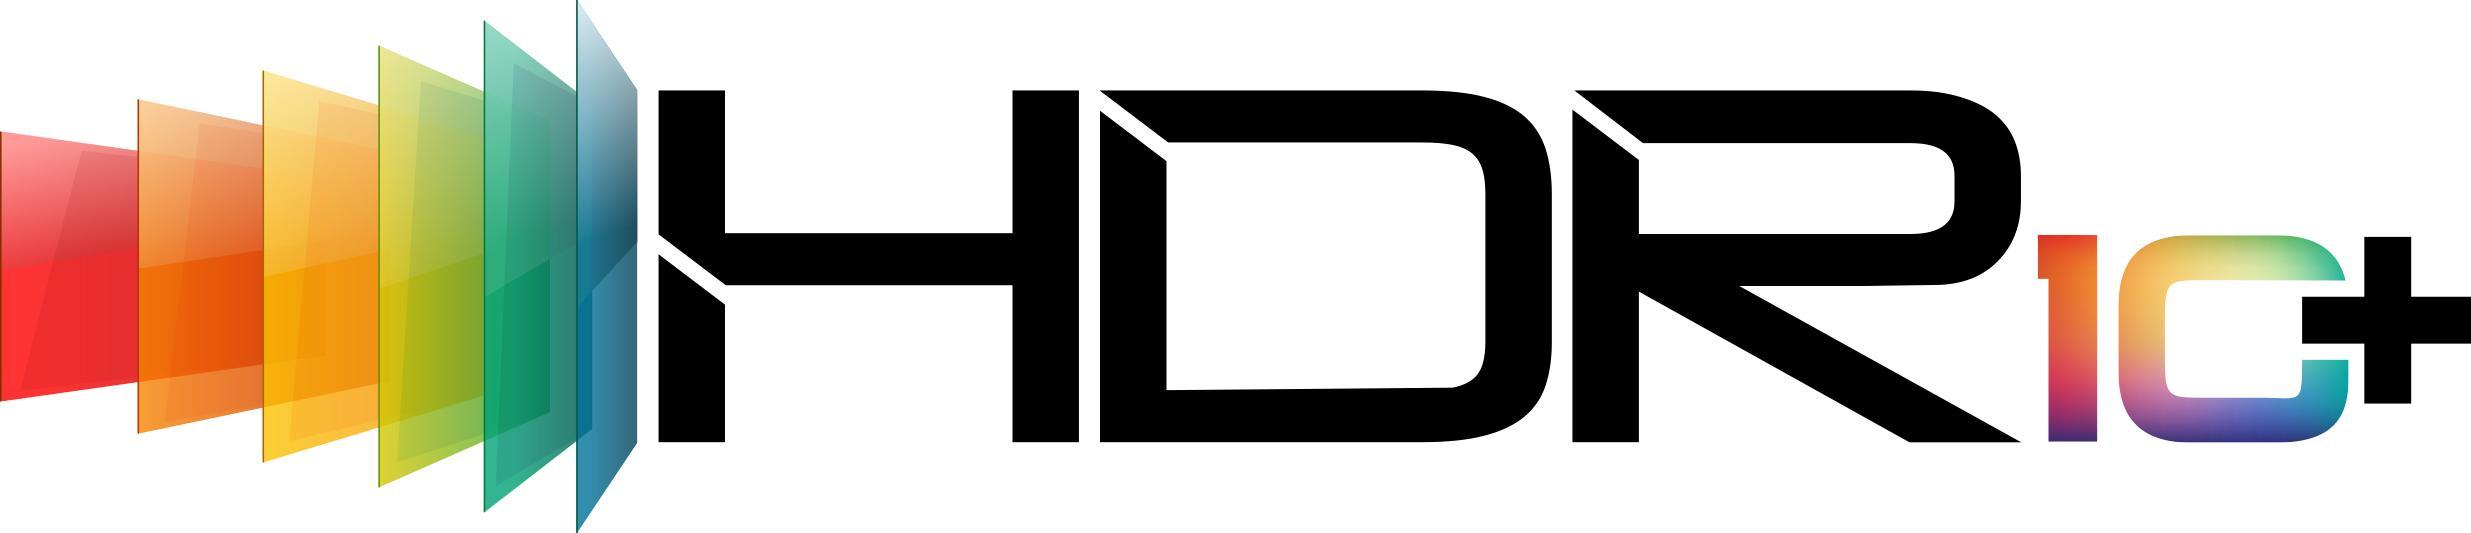 HDR10+ Pioneer